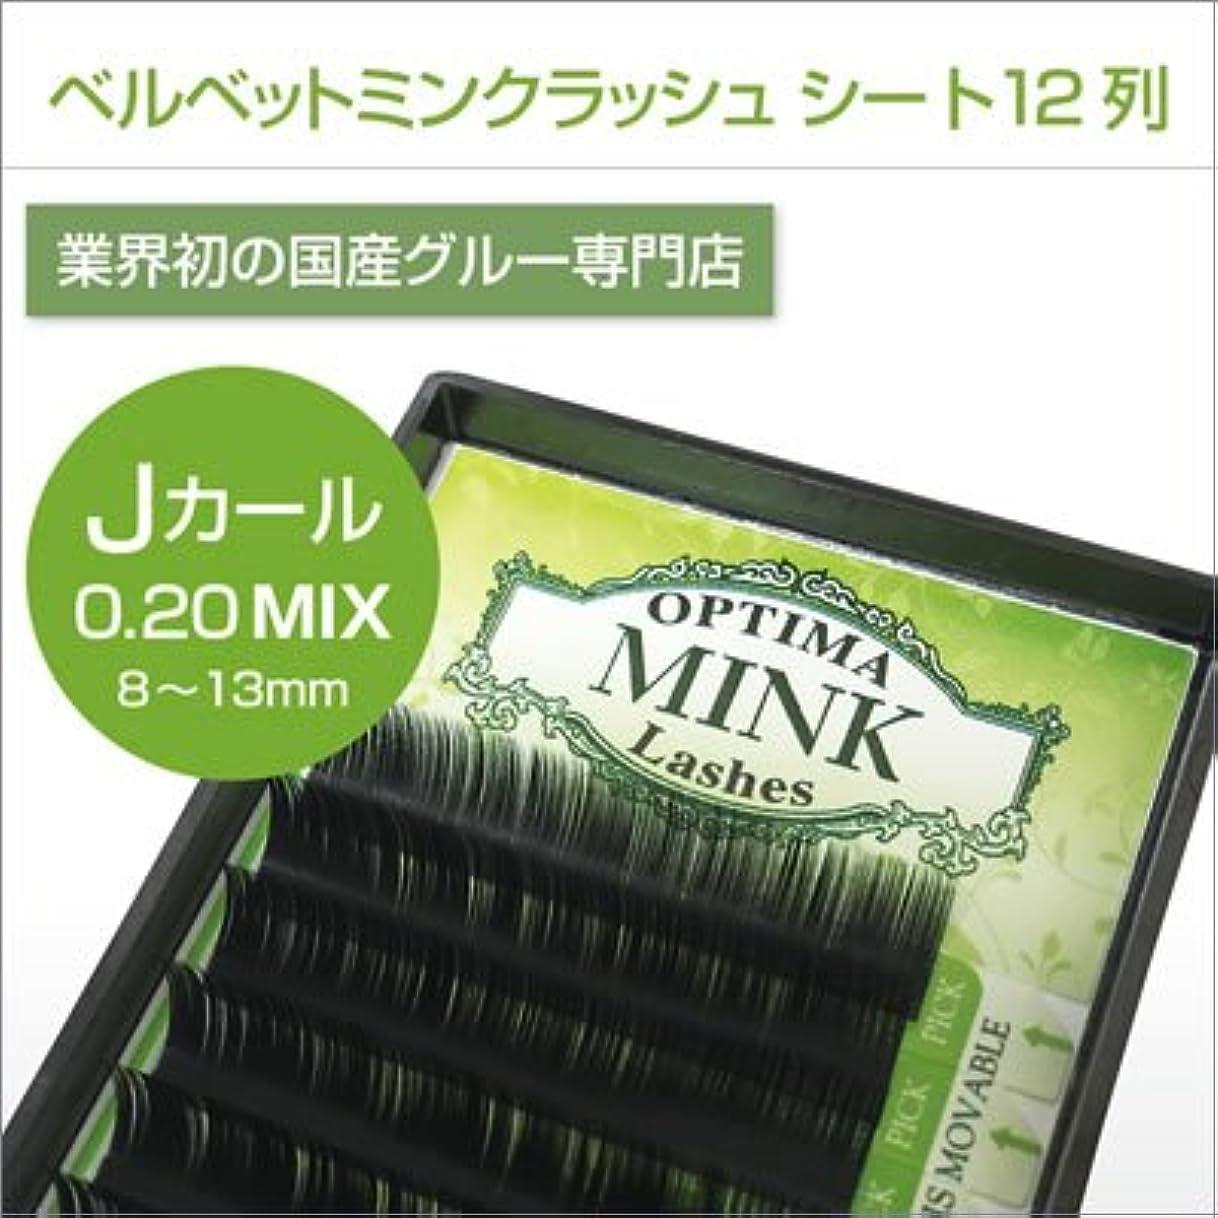 本部電信スラックorlo(オルロ) OPTIMA ベルベット ミンクラッシュ MIX Jカール 0.2mm×8mm~13mm